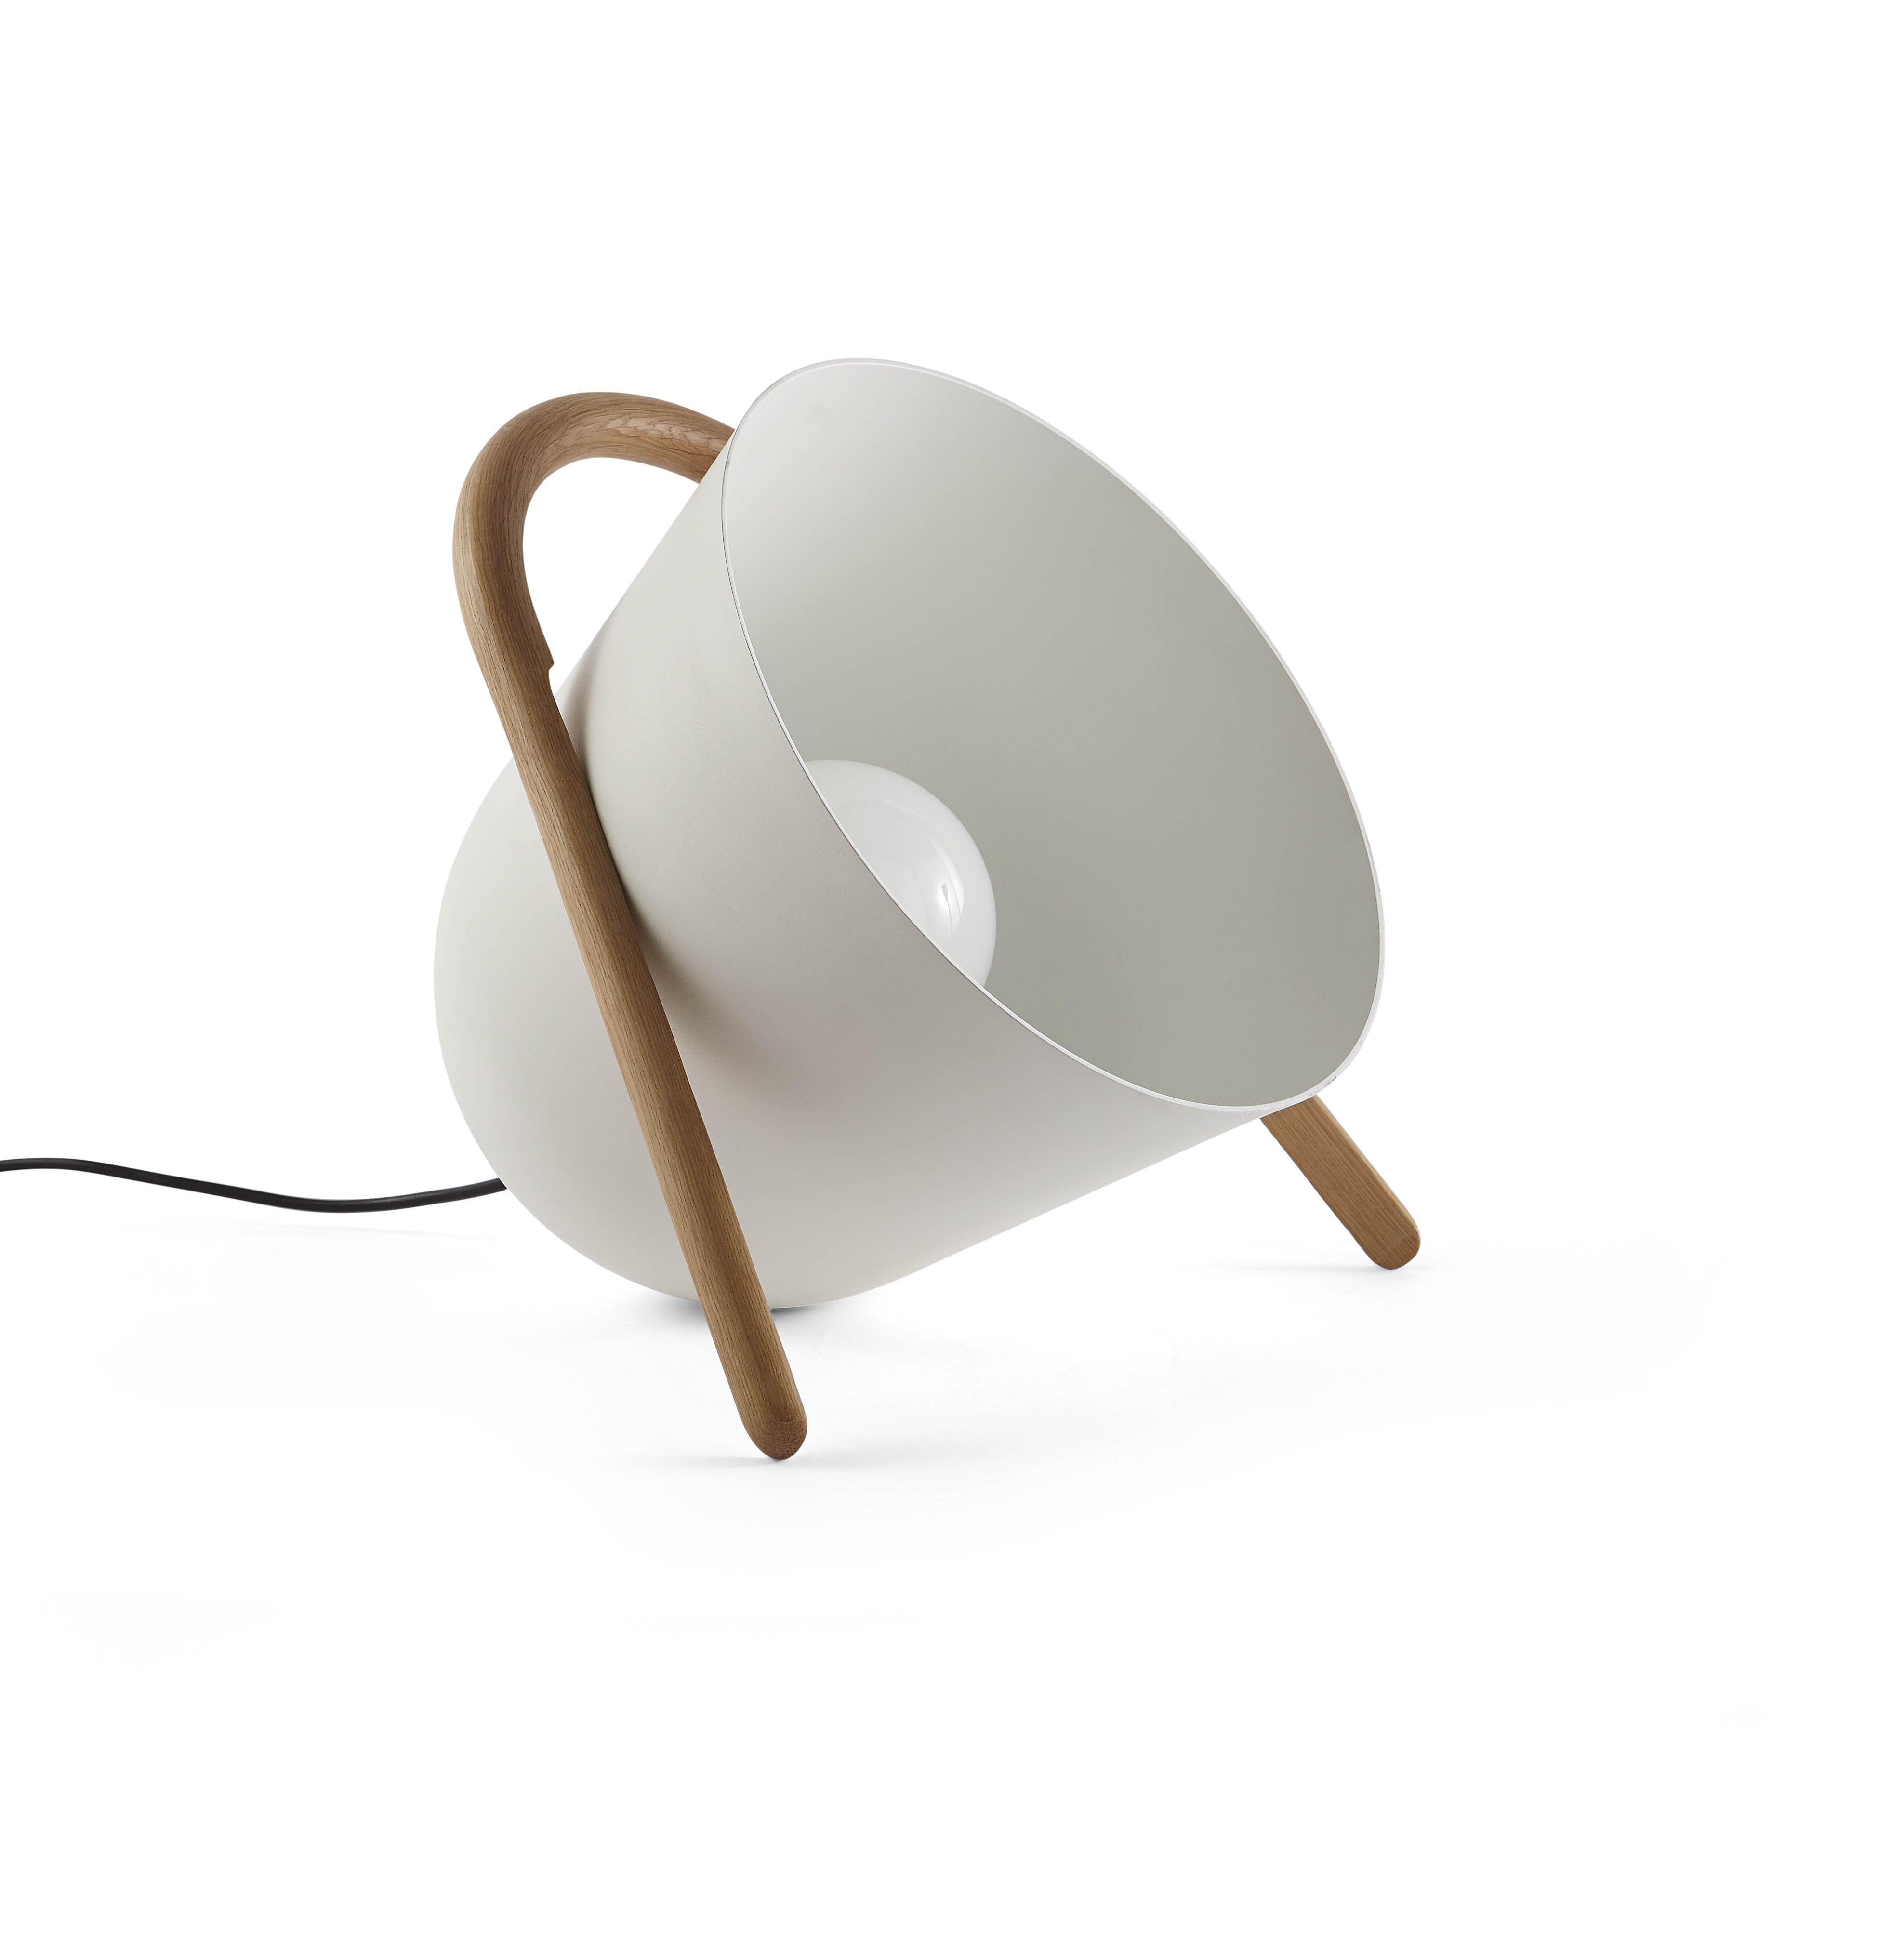 Supérieur Luminaire A Poser Au Sol #12: Lampe De Sol ELMA - Blanc - Incipit Lab